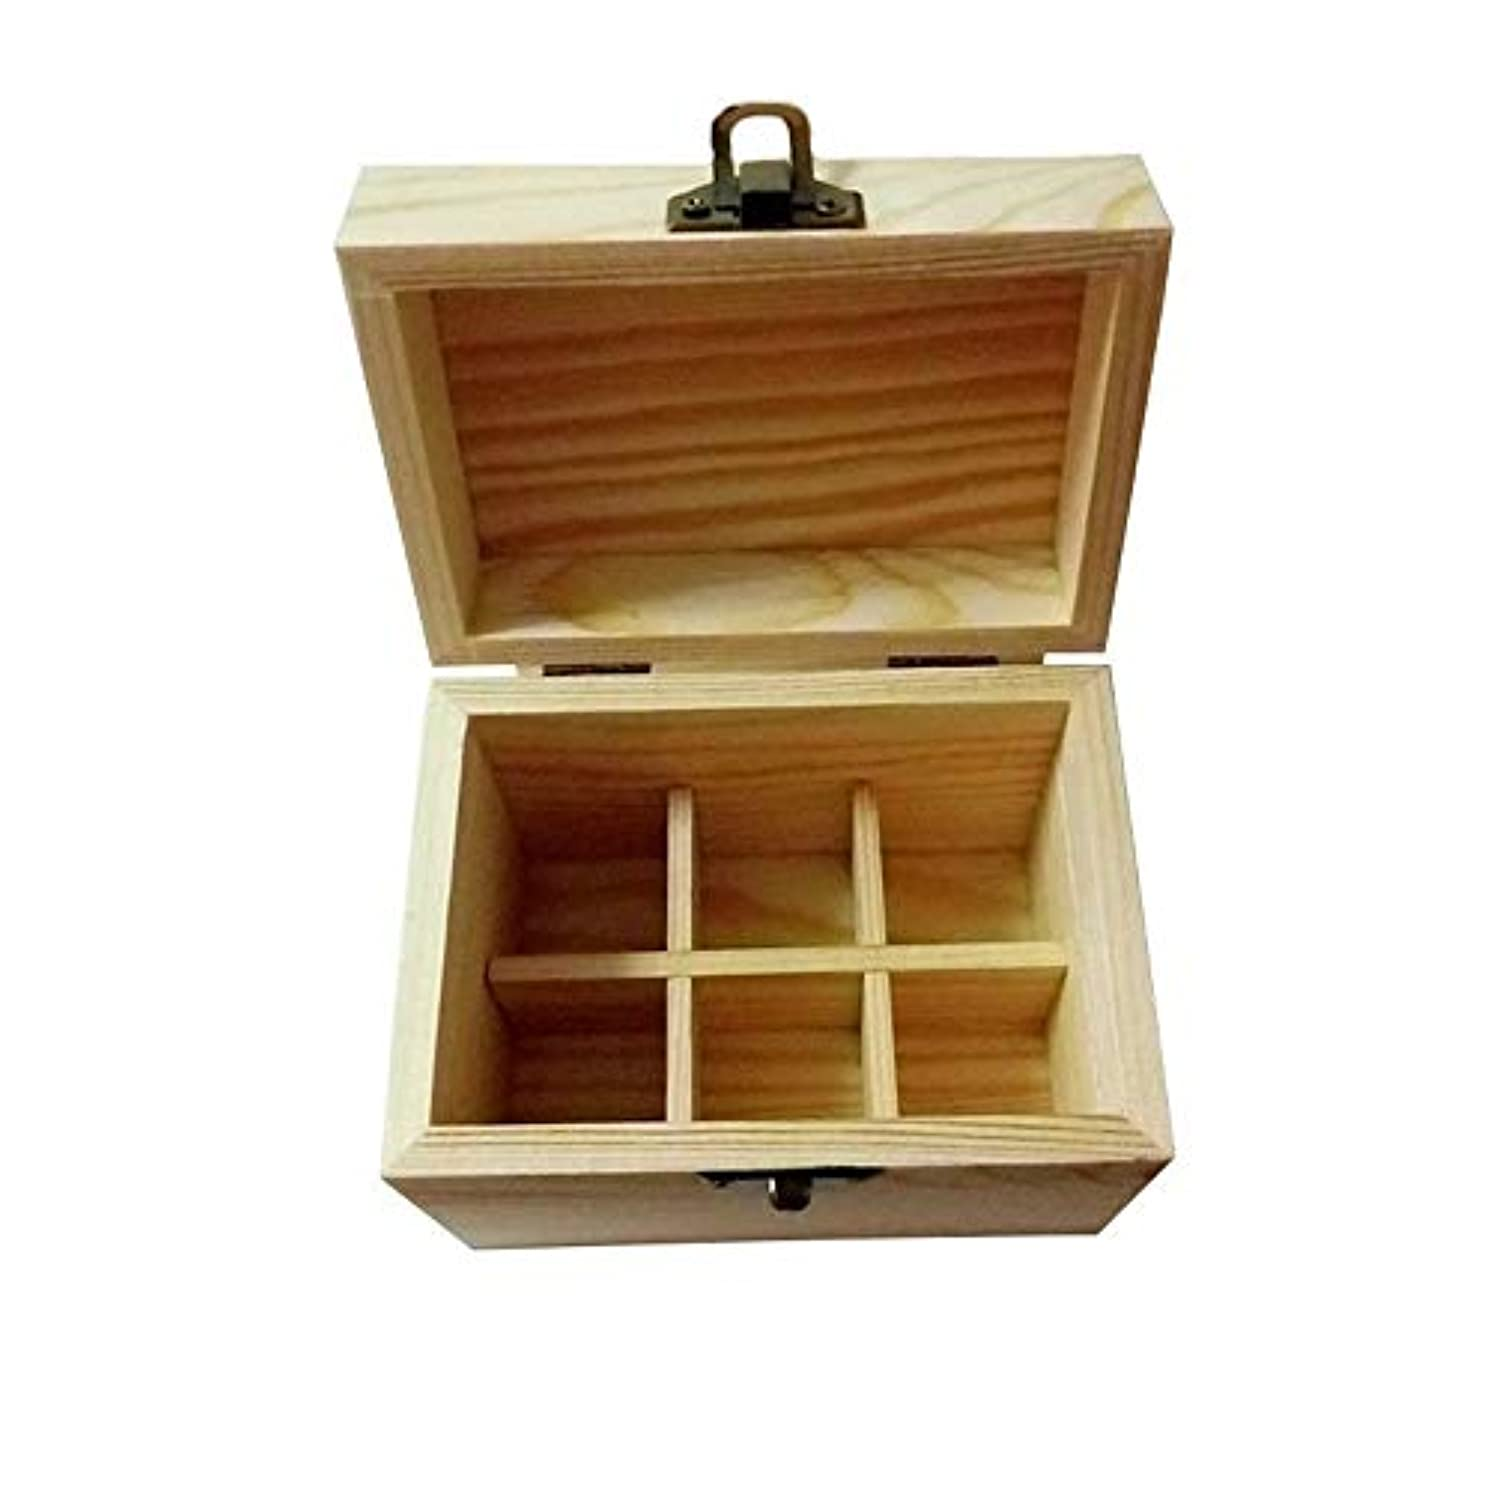 企業インフラマルコポーロエッセンシャルオイルストレージボックス エッセンシャルオイルストレージボックスケース木製の主催者は6本のキャリングセーフボトルやホームストレージの表示を保持します 旅行およびプレゼンテーション用 (色 : Natural, サイズ : 11.5X8X9.5CM)